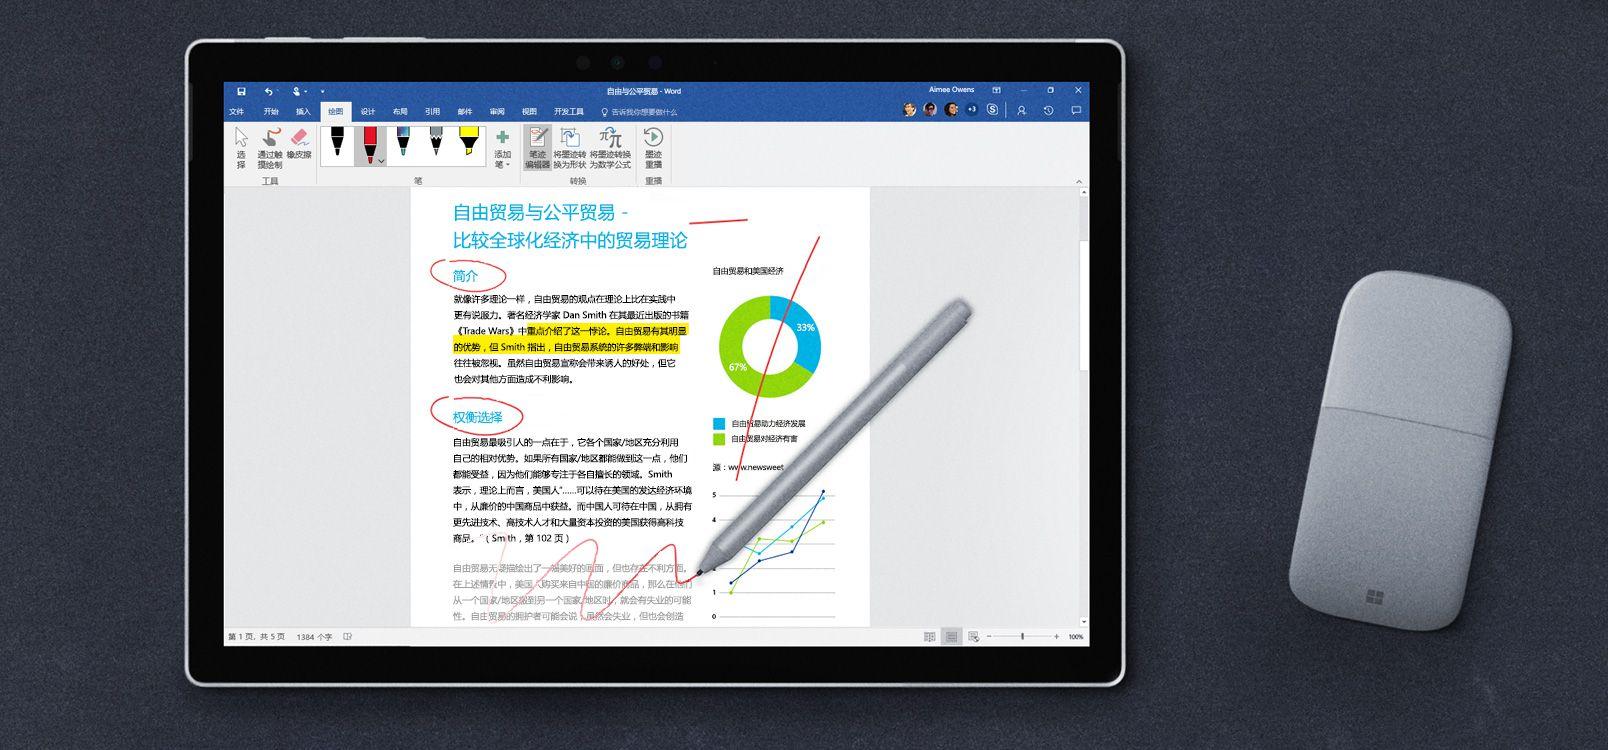 显示笔迹编辑器的平板电脑屏幕